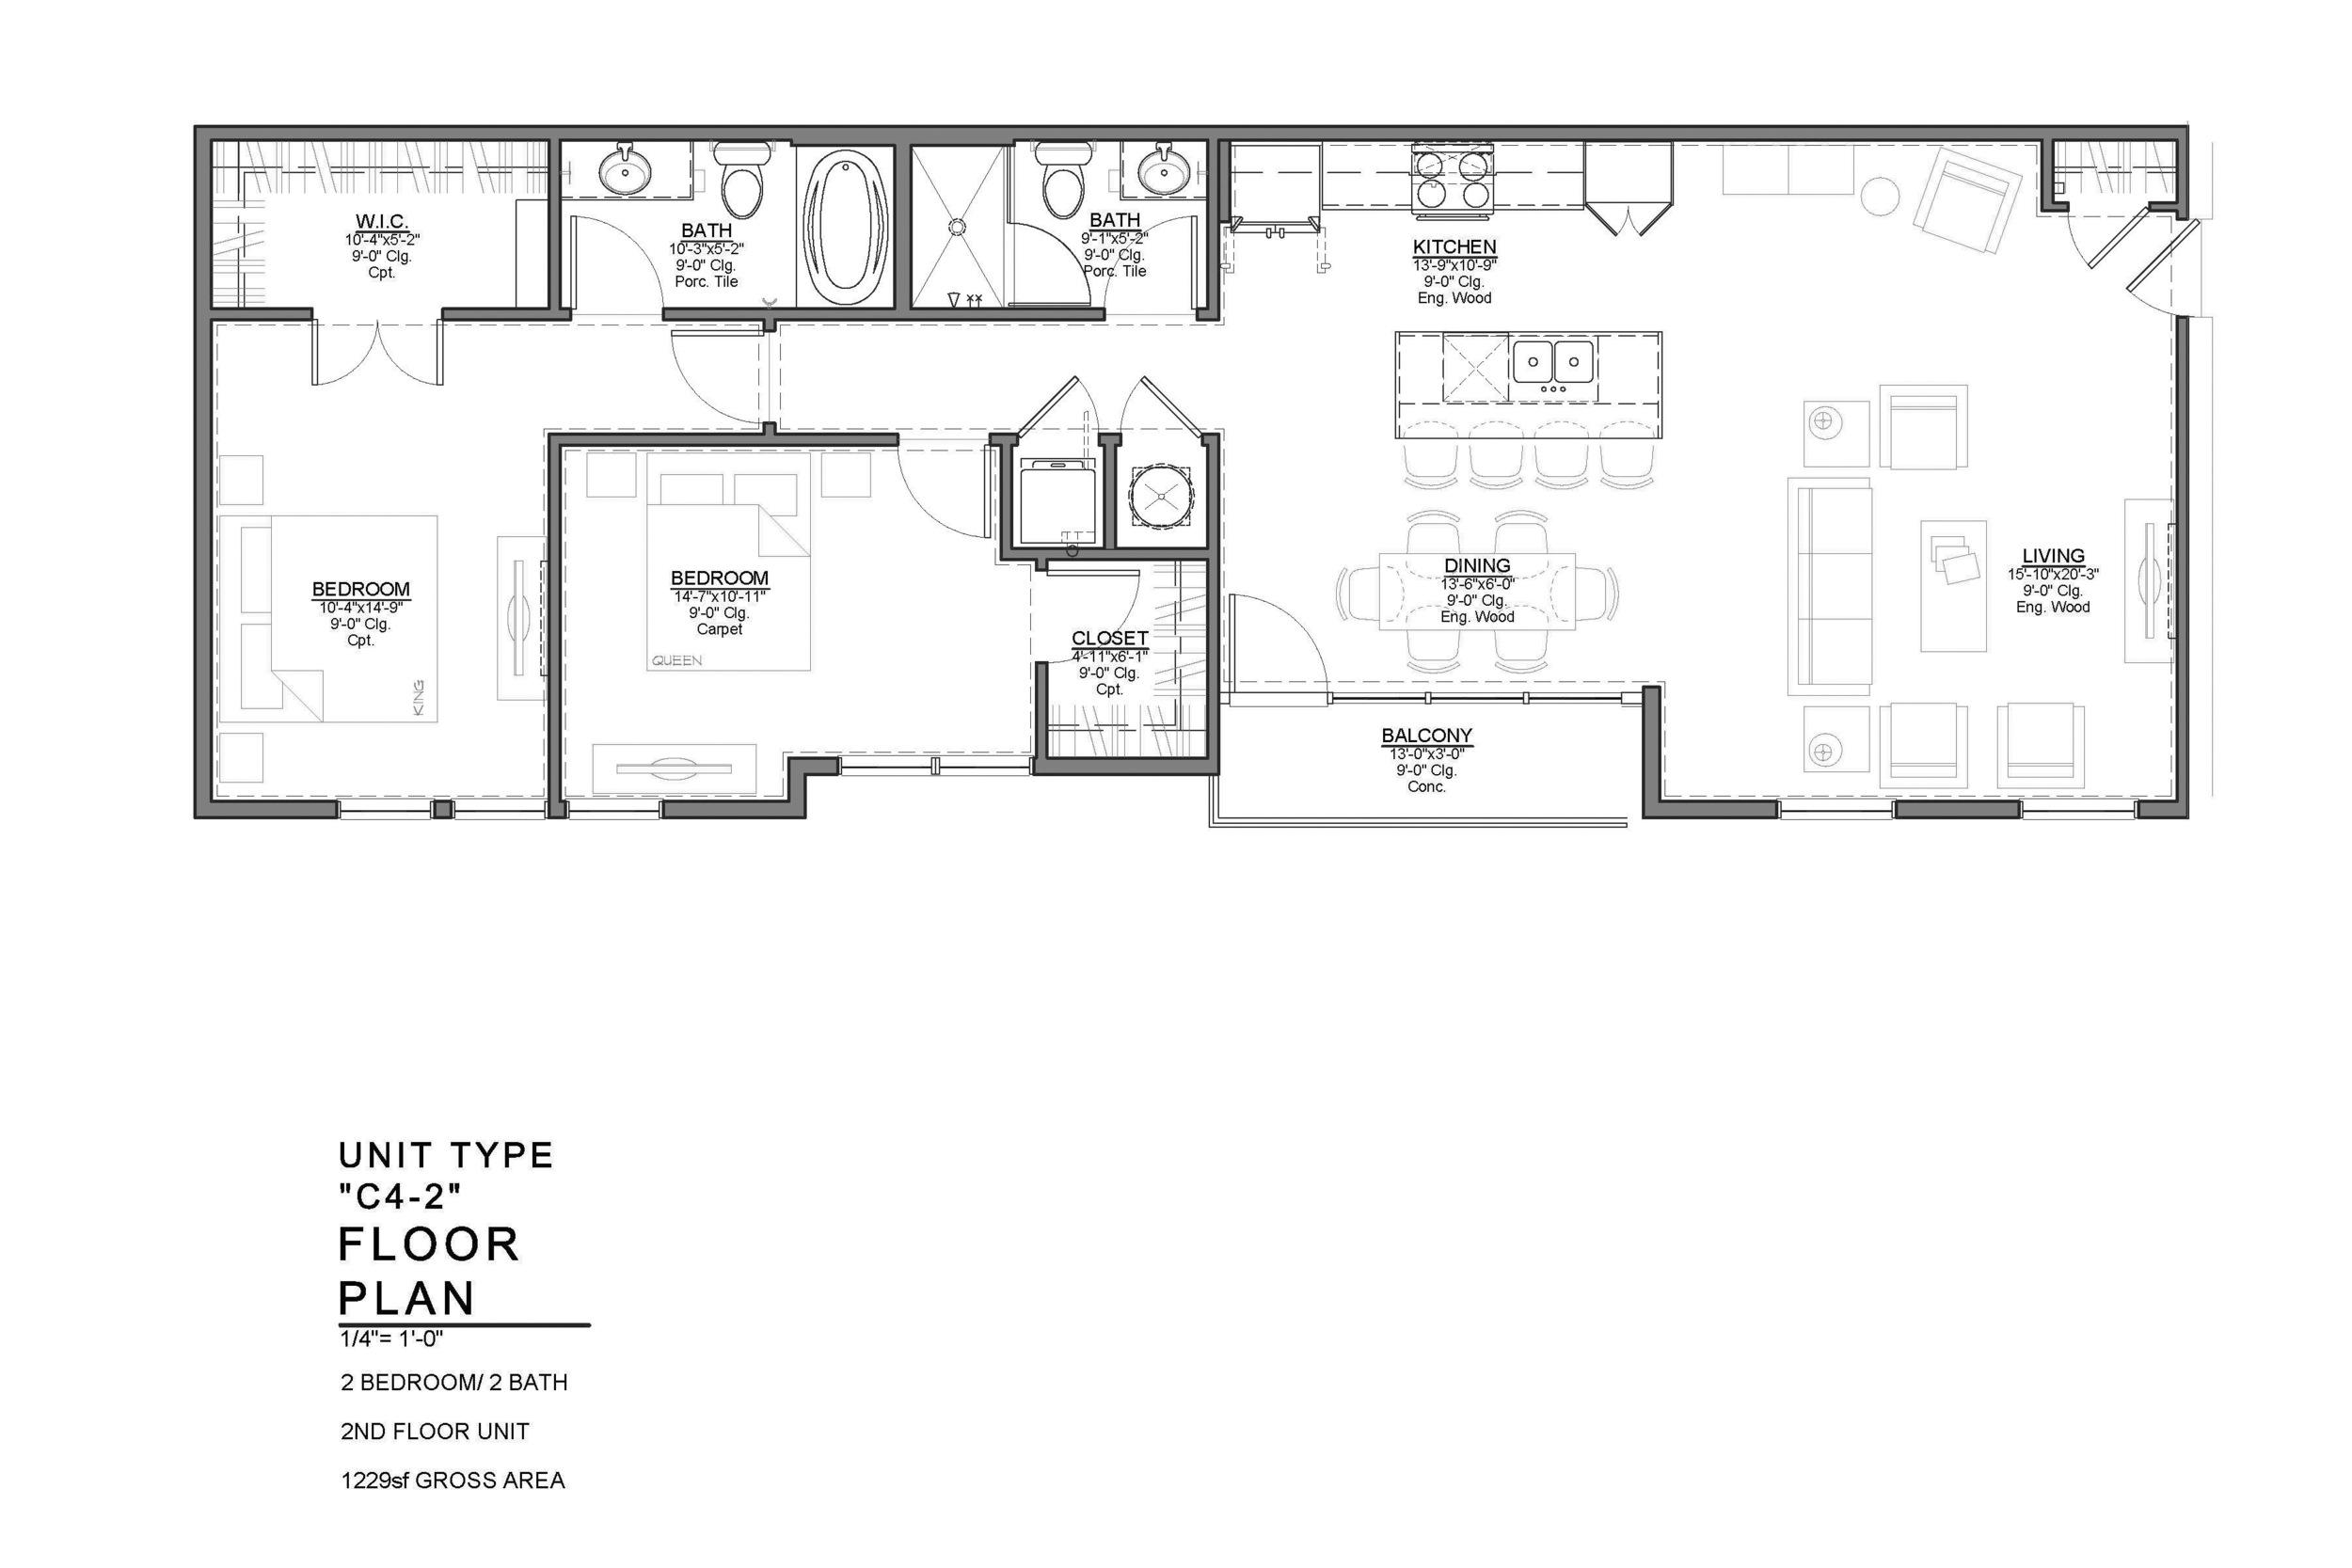 C4-2 FLOOR PLAN: 2 BEDROOM / 2 BATH